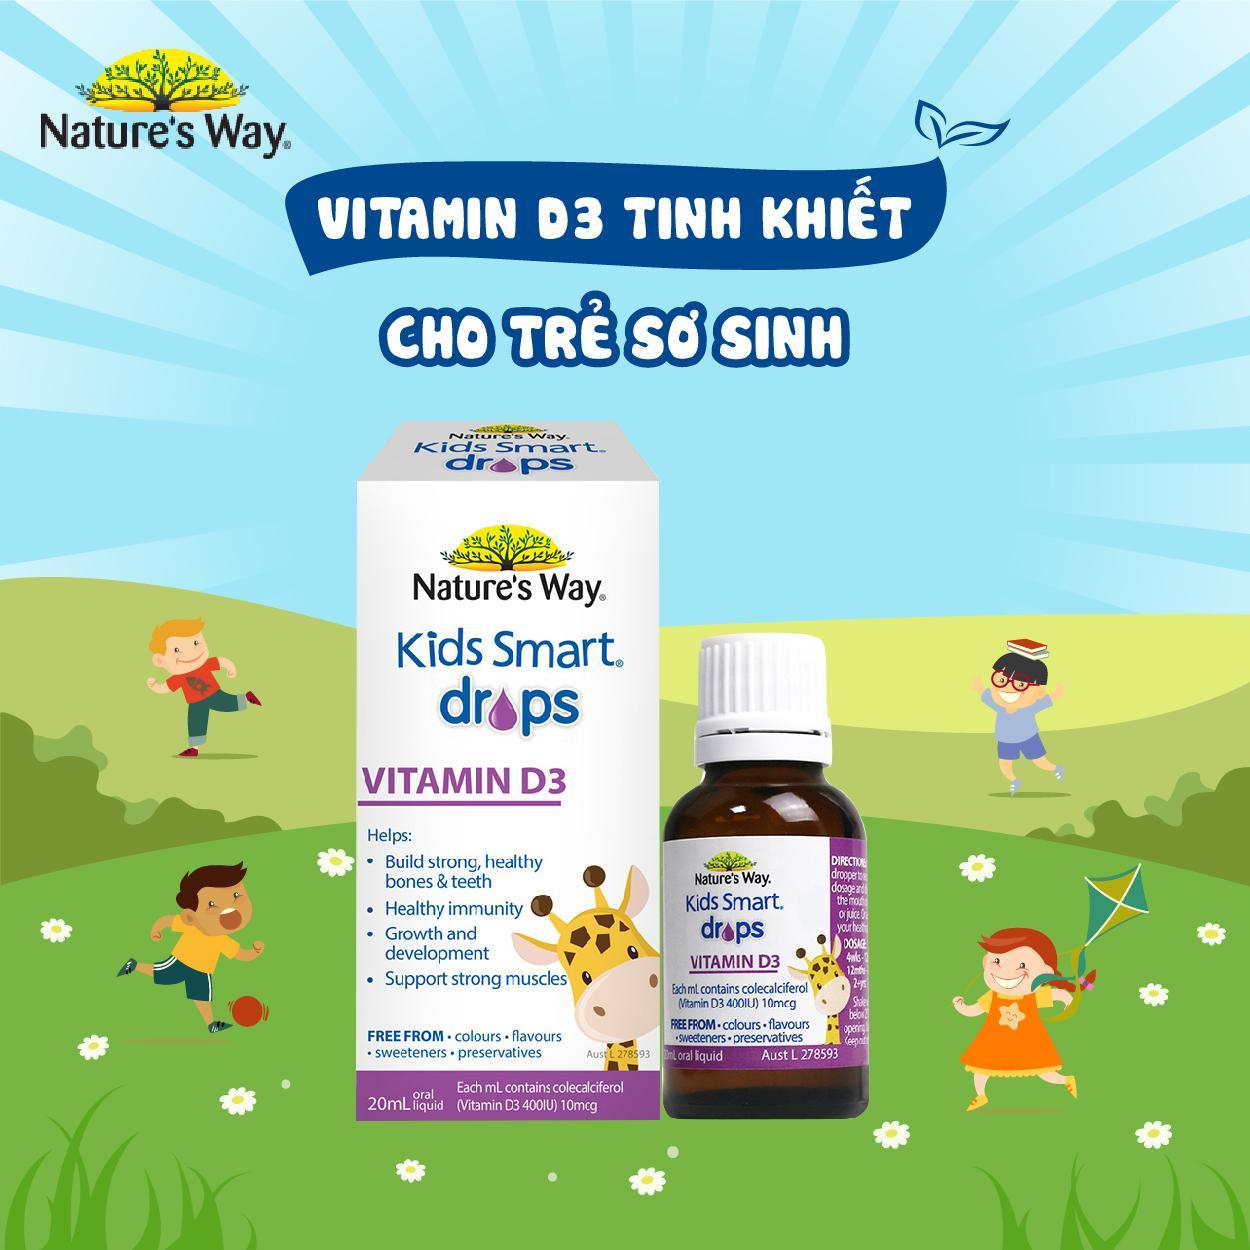 Nature's Way Kids Smart Drop Vitamin D3 - Vitamin D3 tinh khiết cho trẻ sơ sinh